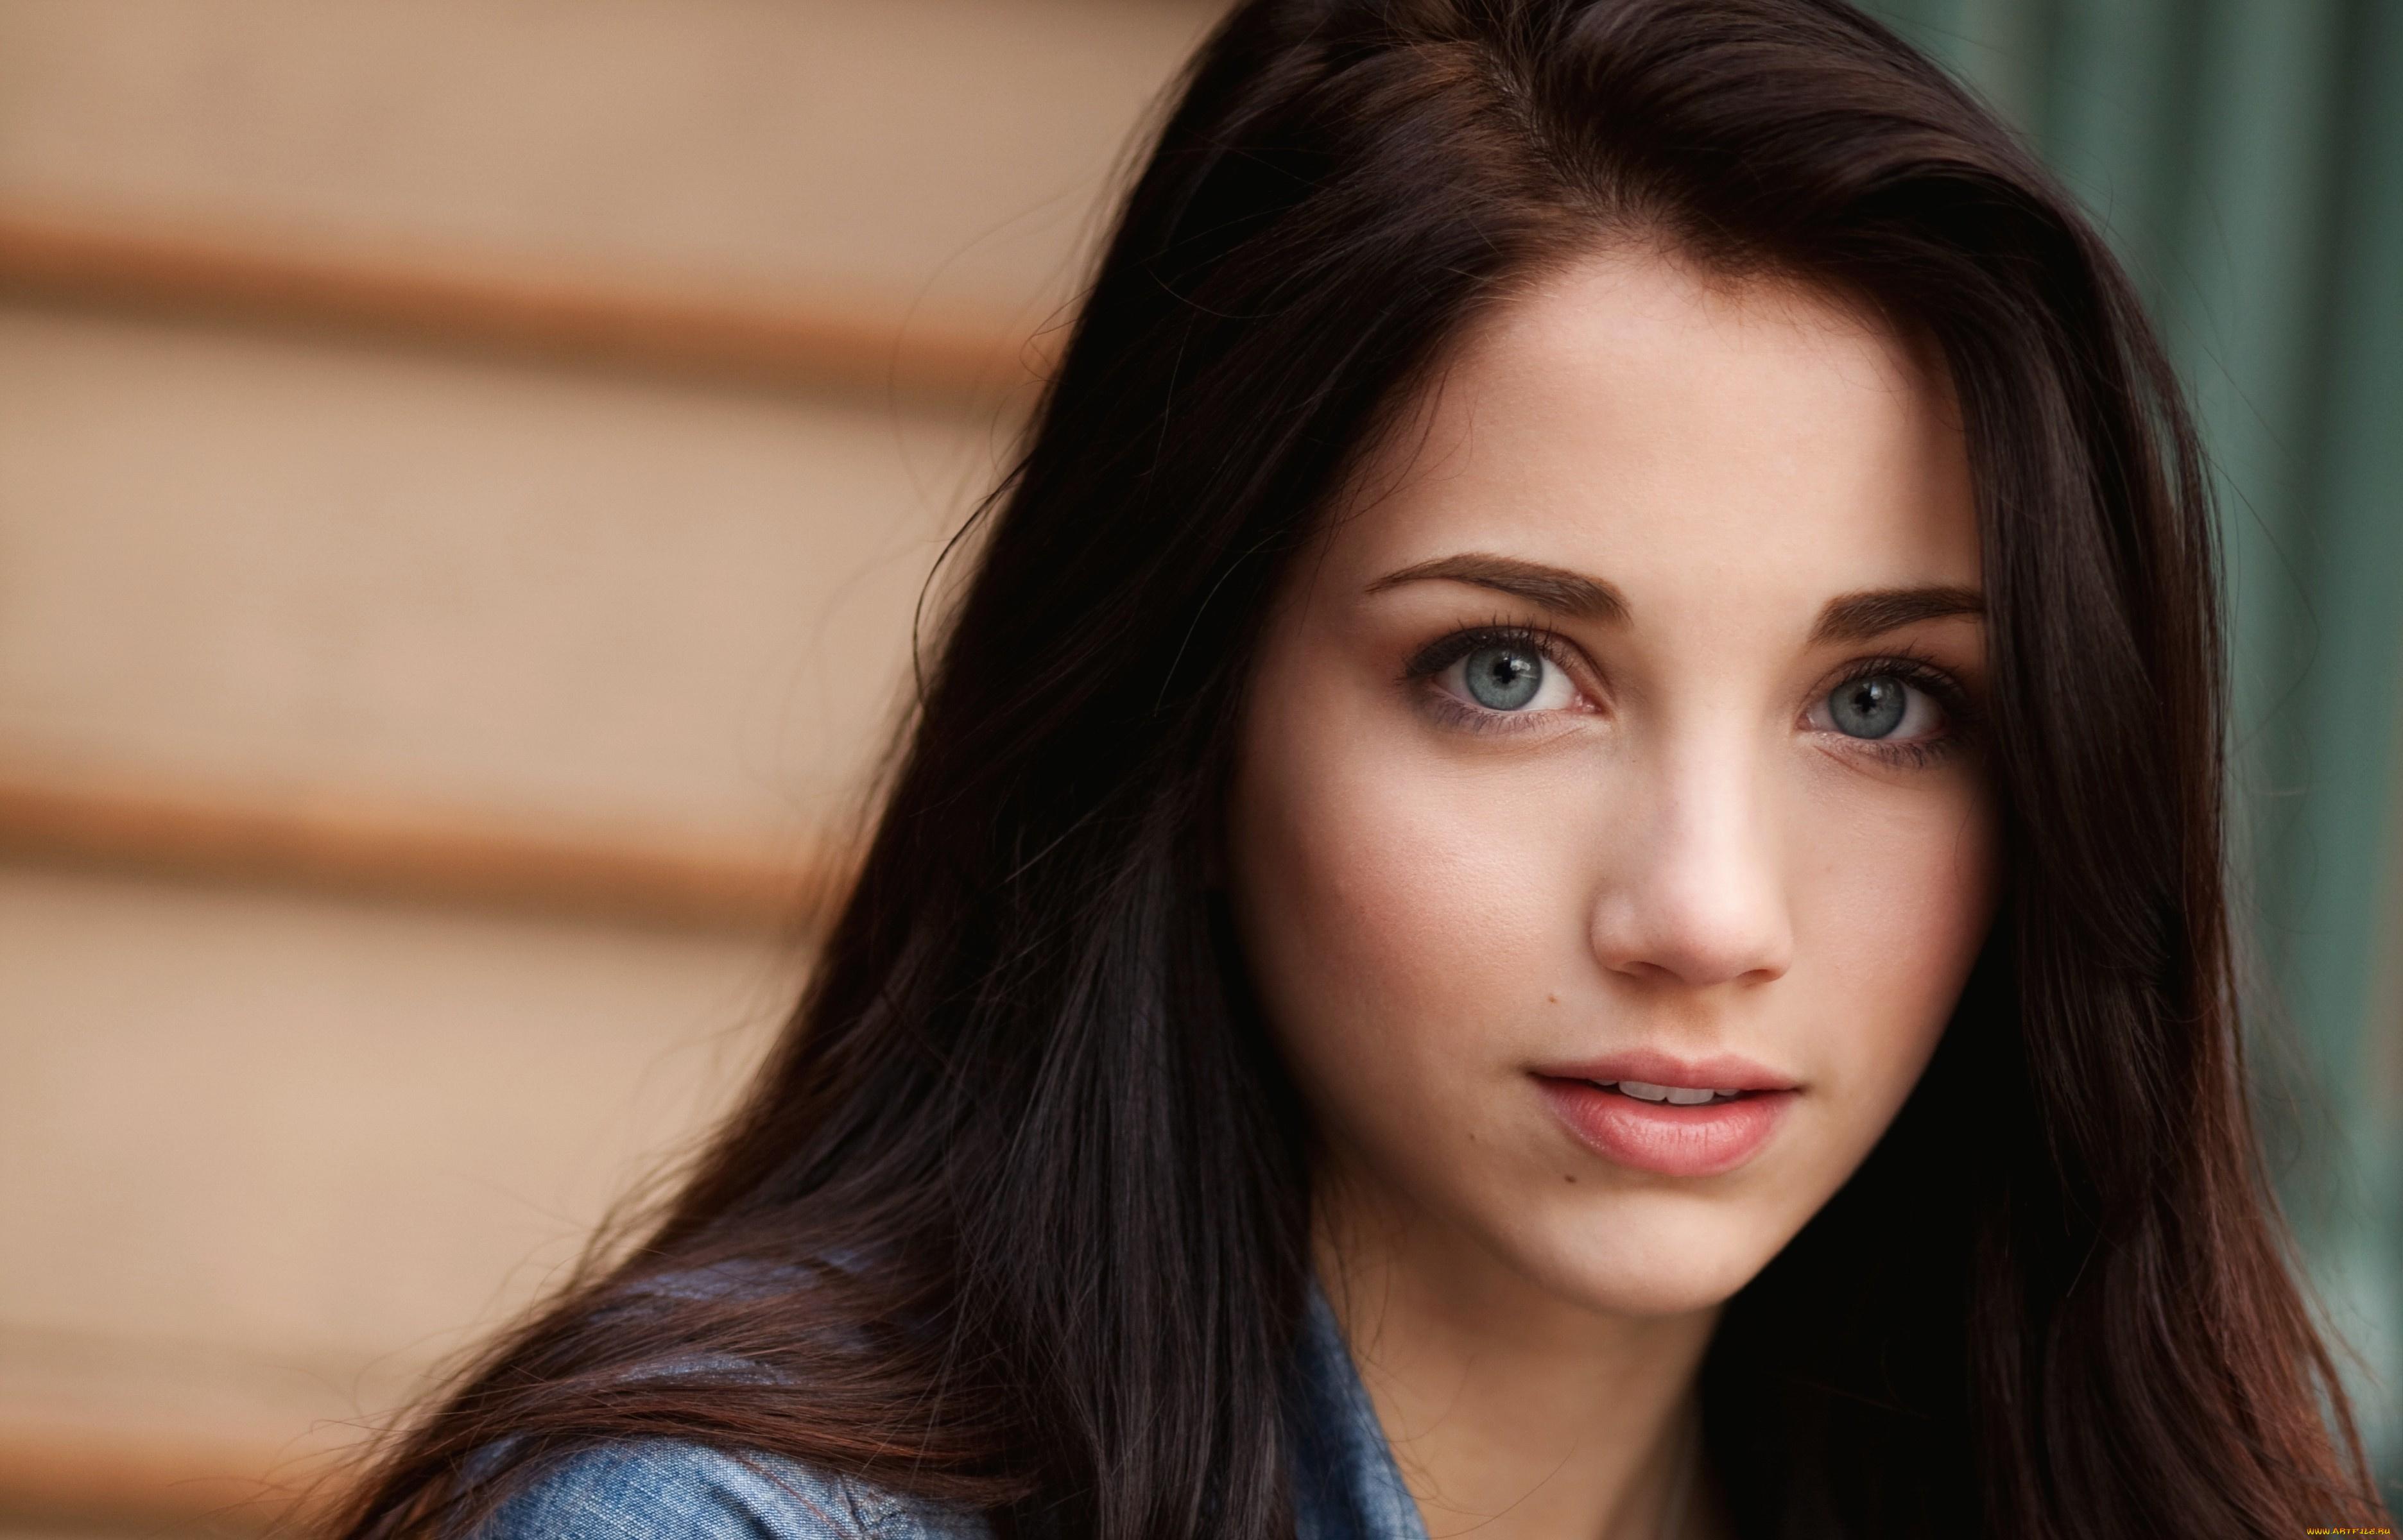 Лица красивых девушек